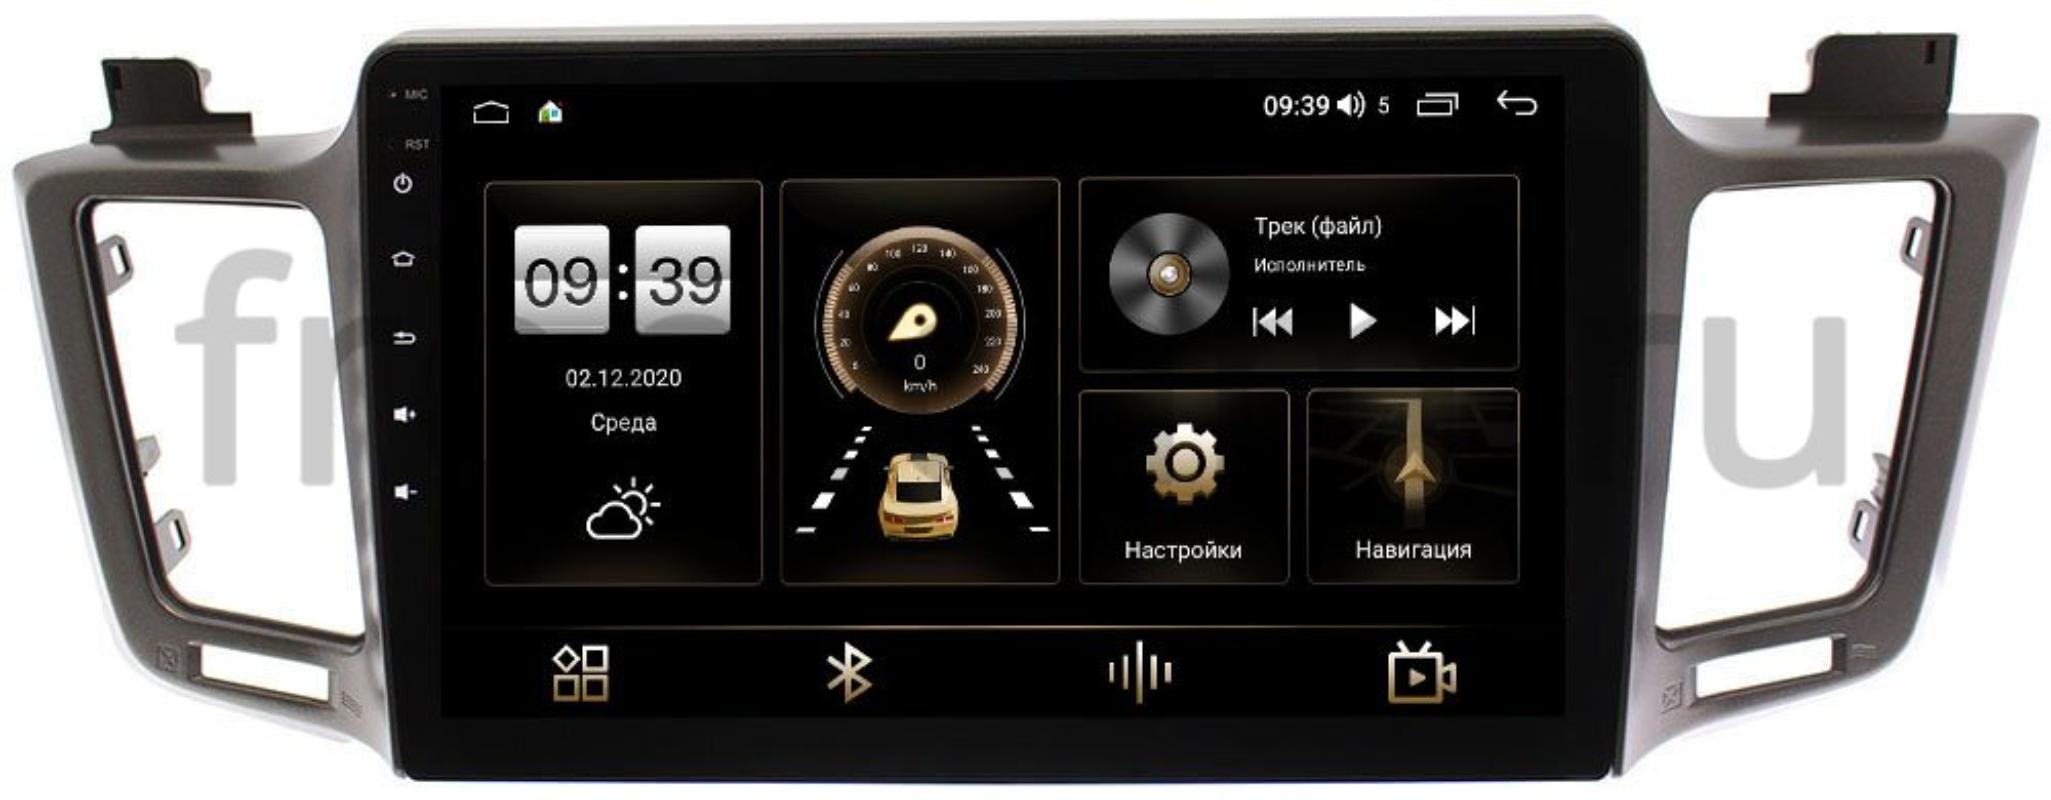 Штатная магнитола Toyota RAV4 (CA40) 2013-2019 LeTrun 4165-1060 (для авто без камеры) на Android 10 (4G-SIM, 3/32, DSP, QLed) (+ Камера заднего вида в подарок!)